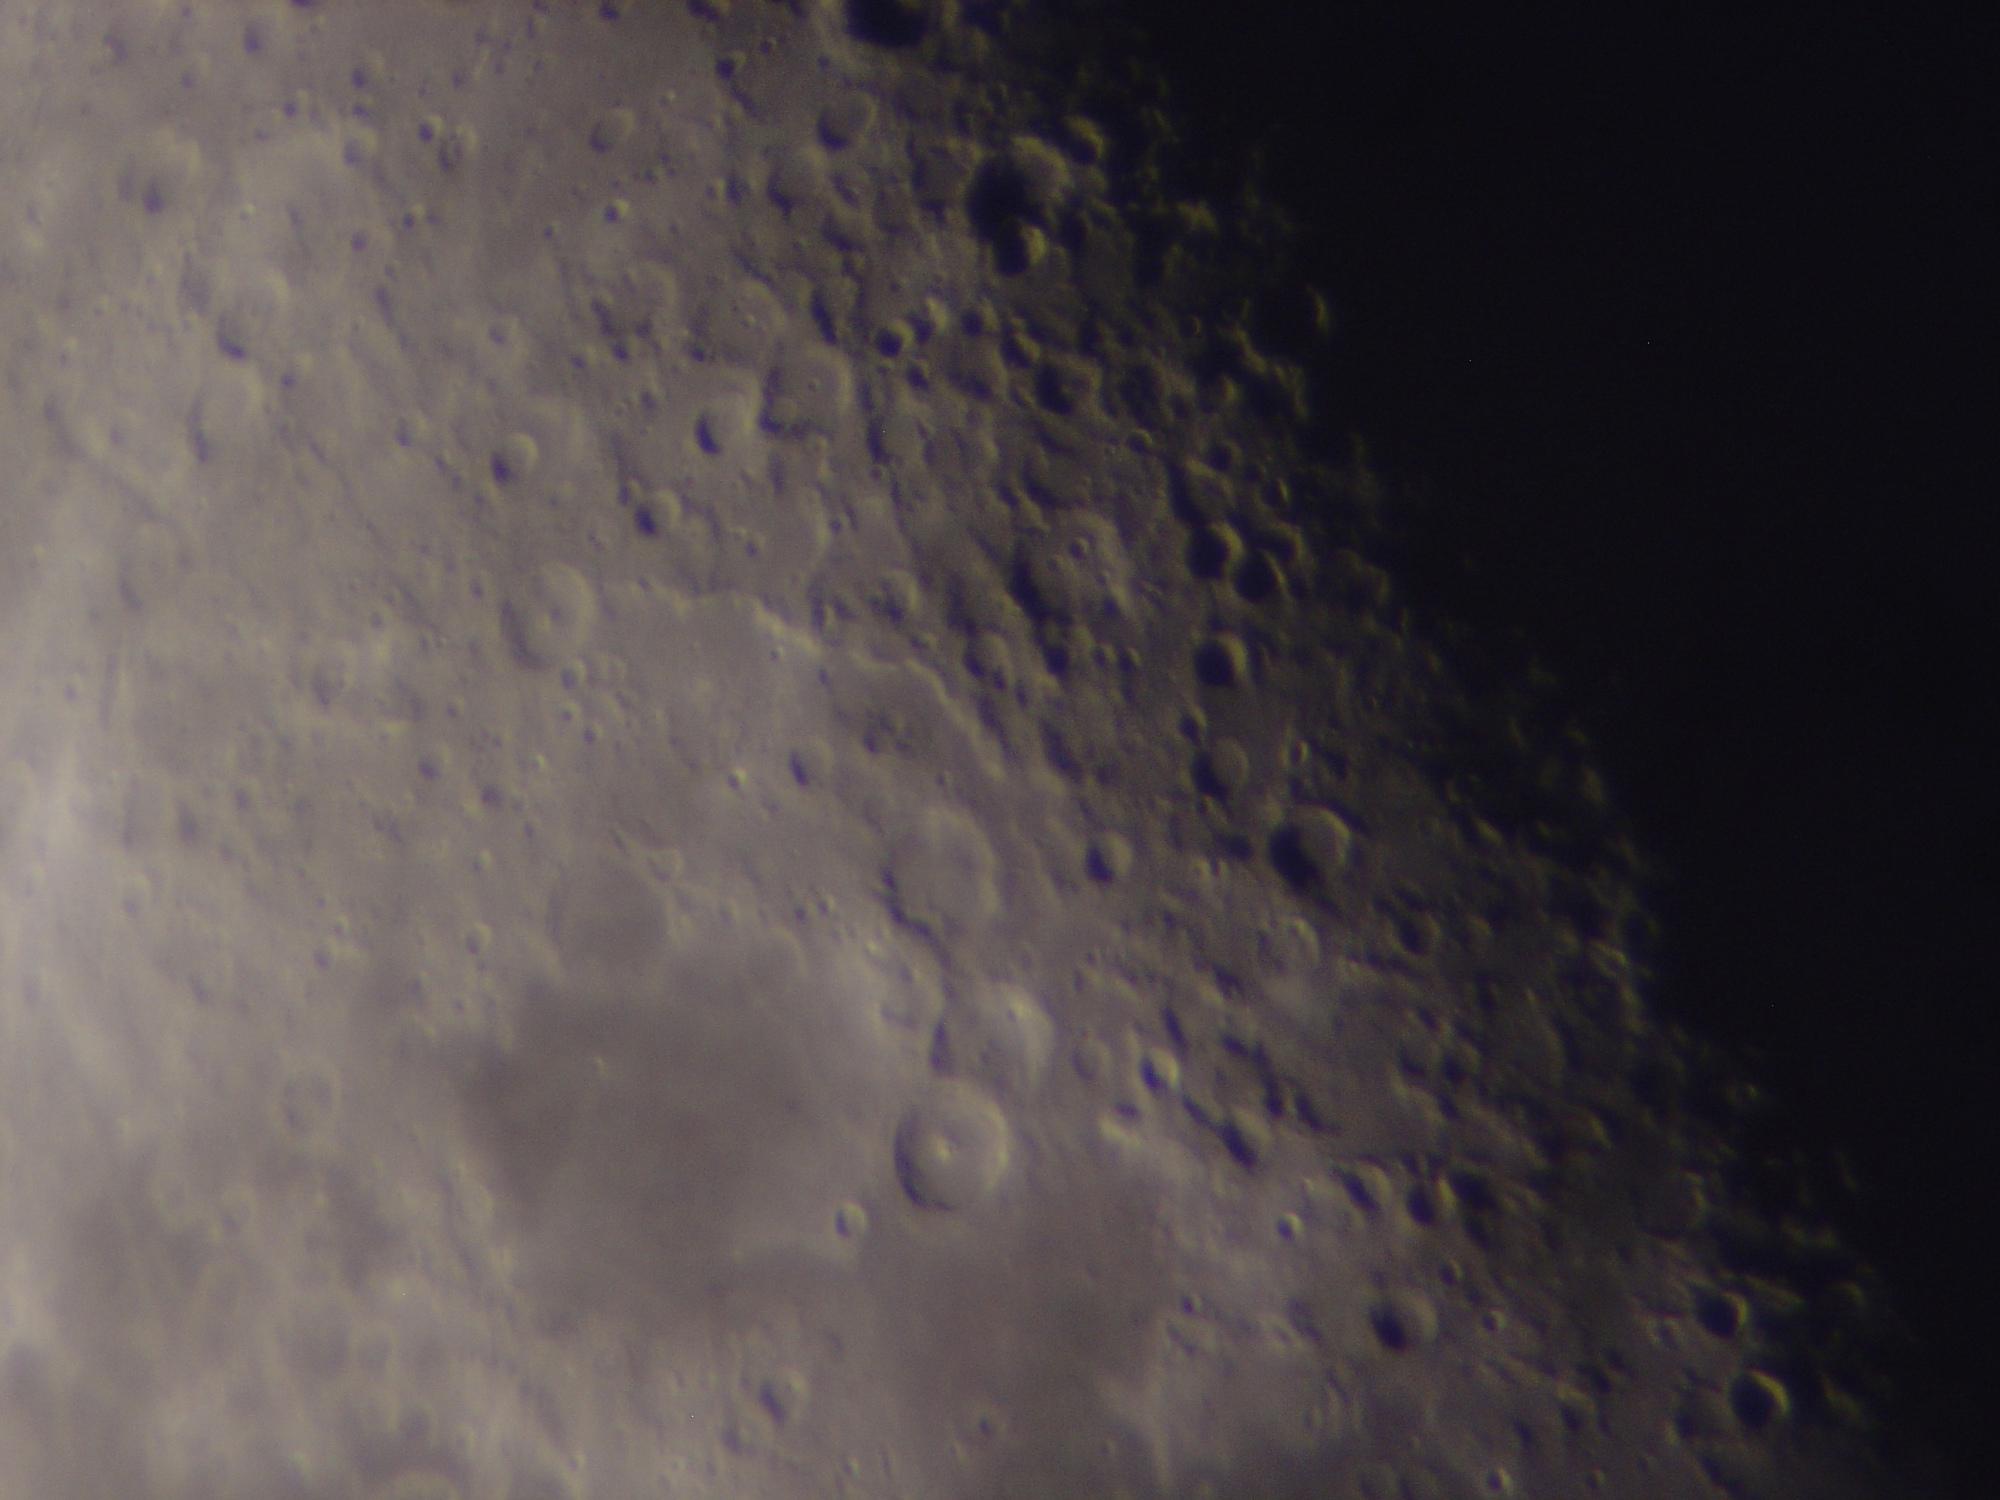 5 lune 150 newton nagler de 16 ou 9 zoom.jpg